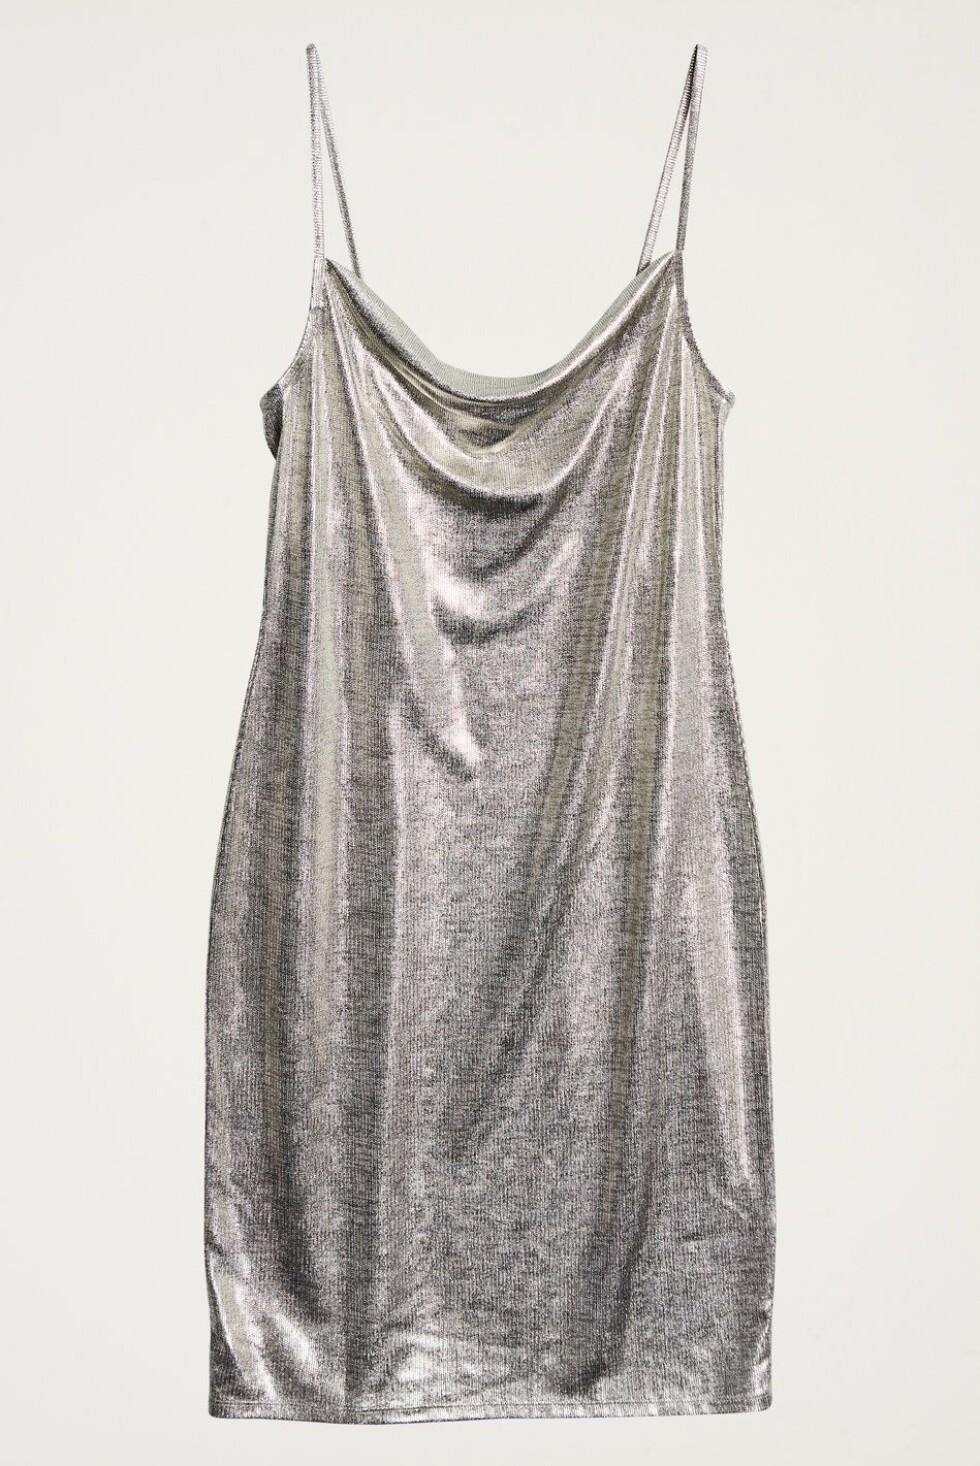 Kjole fra Gina Tricot |299,-| https://www.ginatricot.com/cno/no/kolleksjon/overdeler/kjoler/festkjoler/my-metallic-dress/prod833368051.html